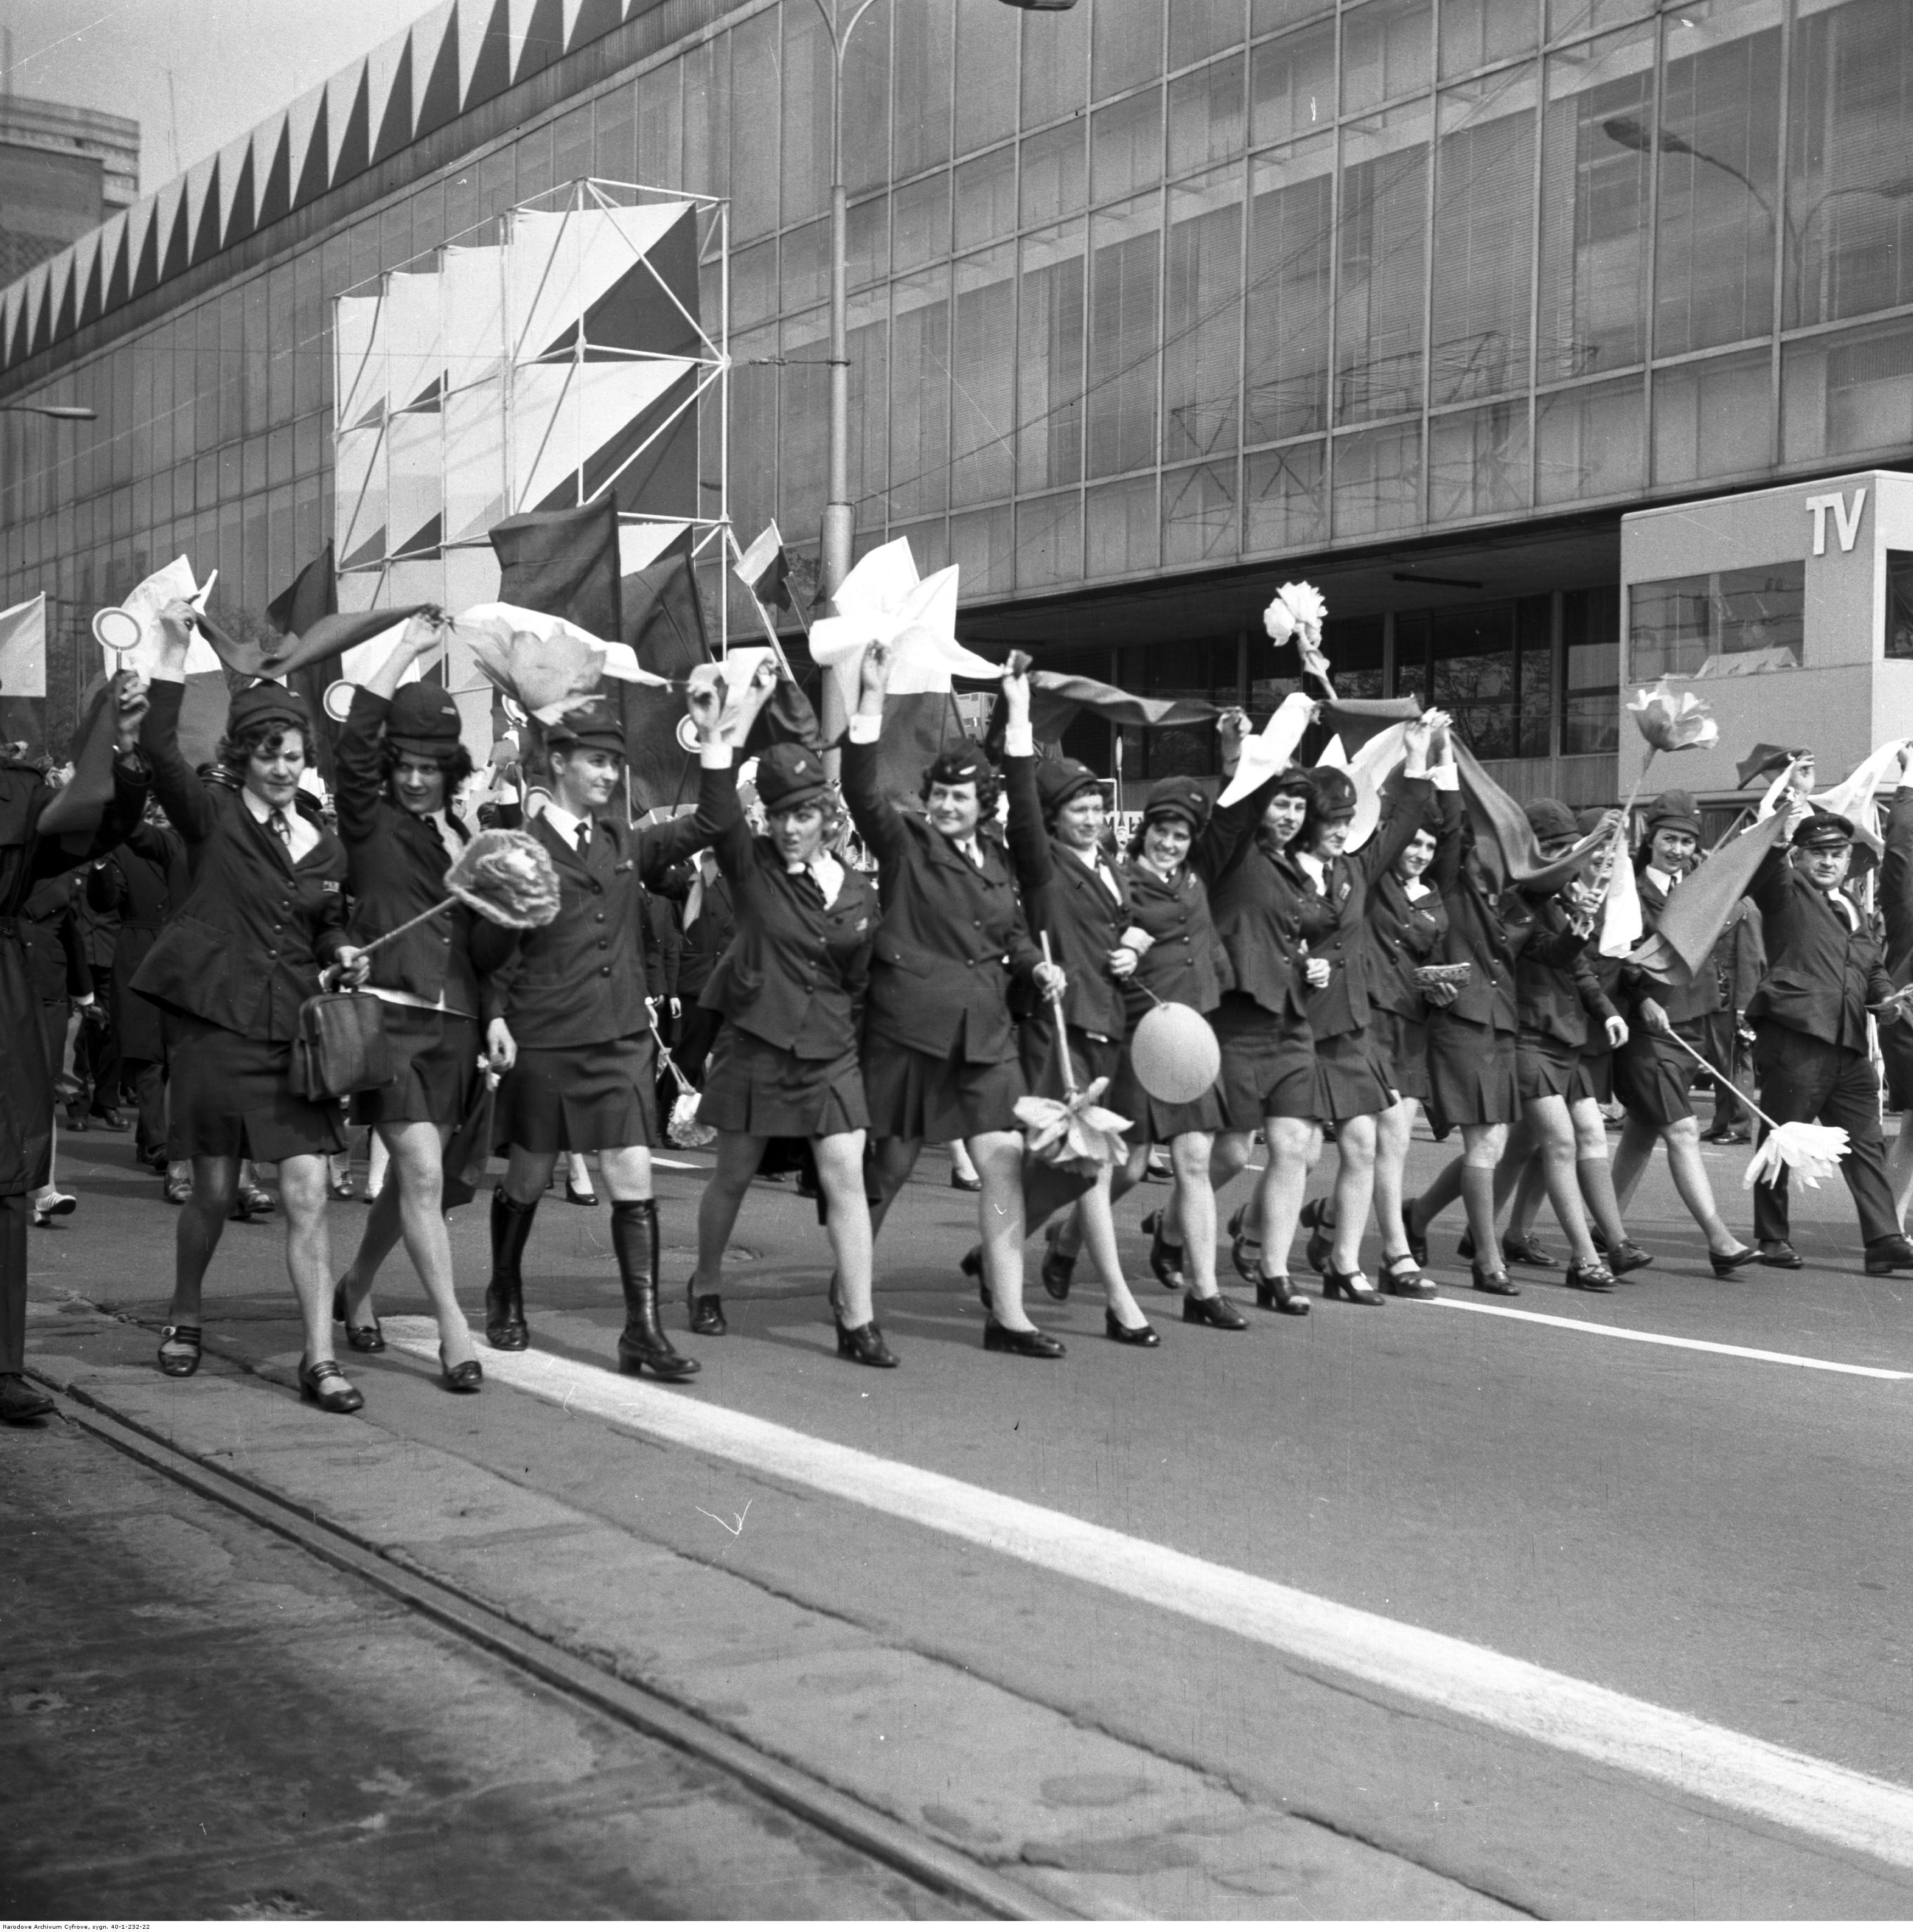 Pracownice PKP na pochodzie pierwszomajowym, 1973 r. (fot. Narodowe Archiwum Cyfrowe)